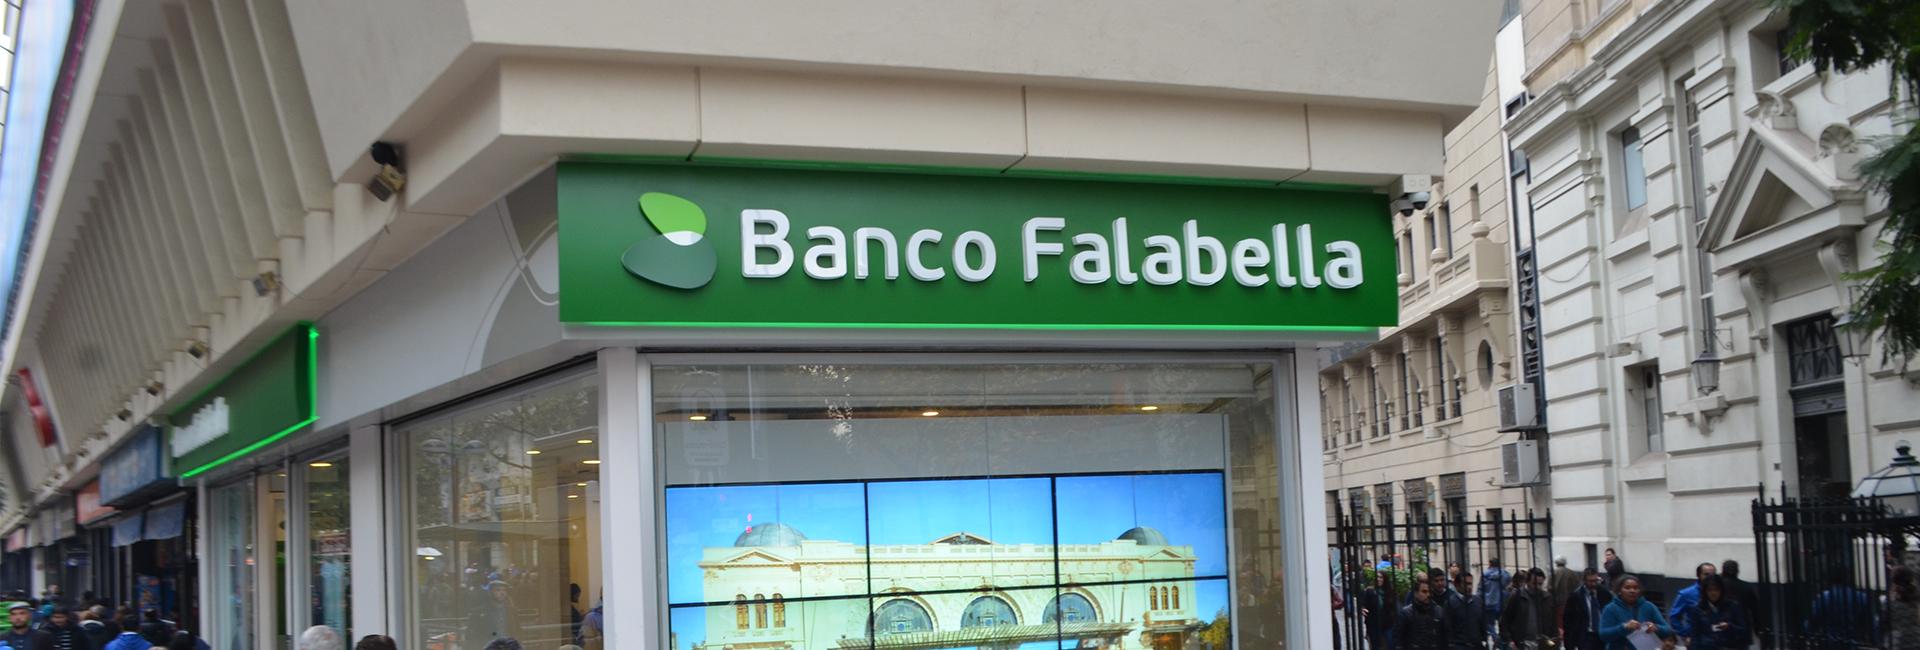 Banco Falabella Ahumada